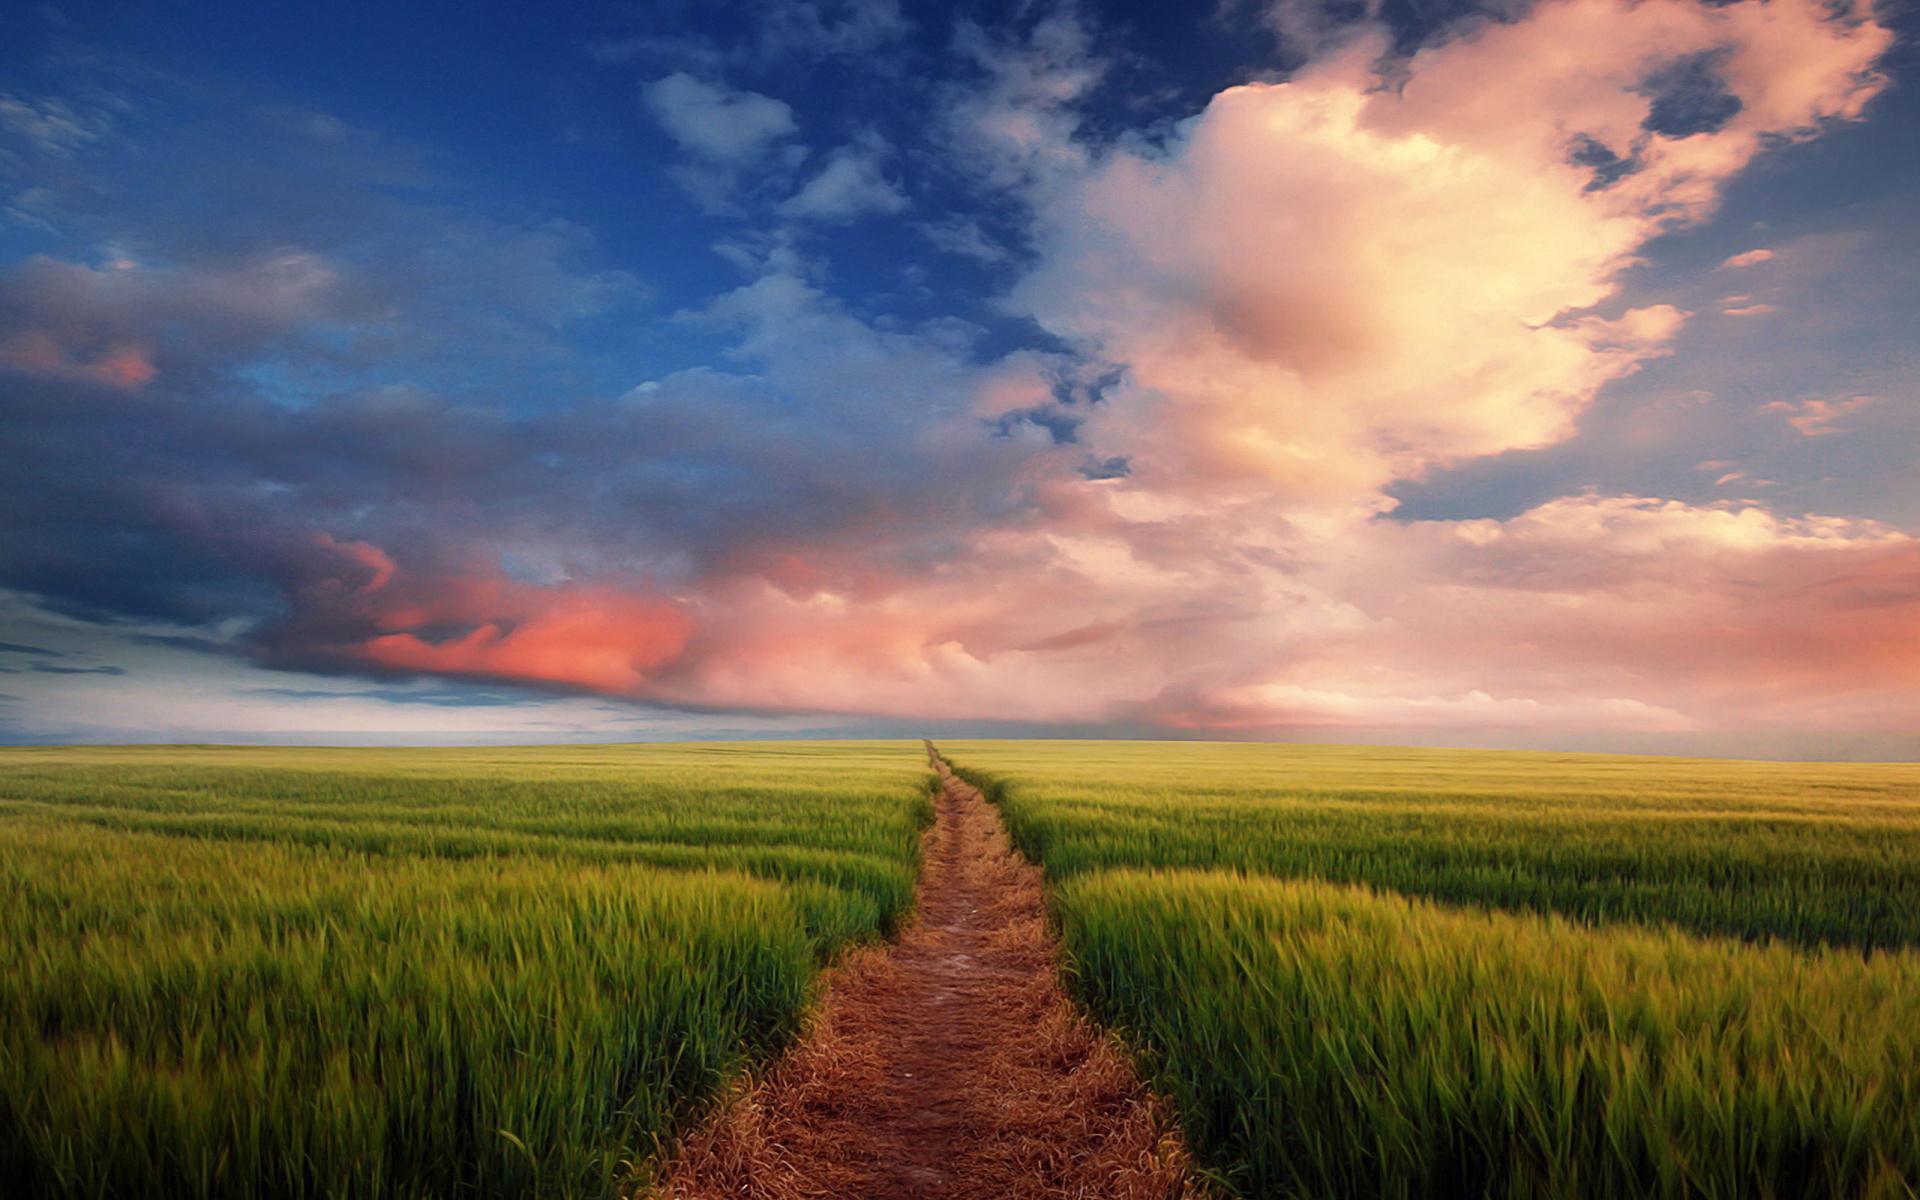 20674 скачать обои Пейзаж, Поля, Небо, Дороги, Облака - заставки и картинки бесплатно